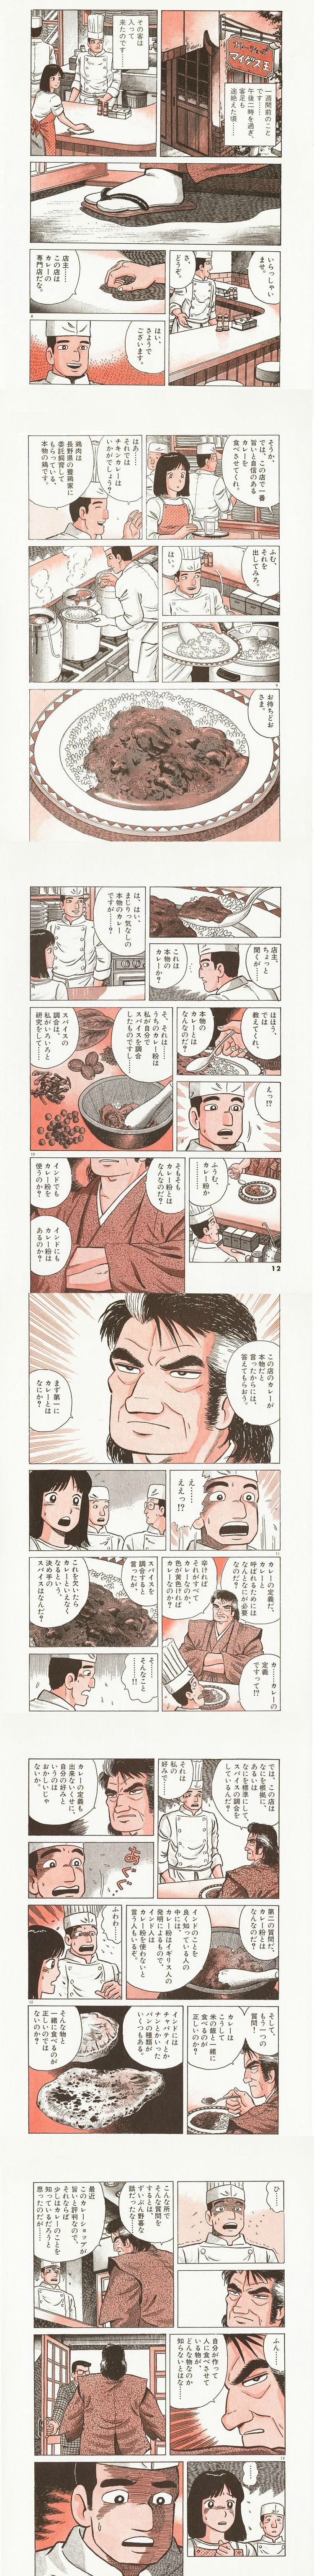 【画像】海原雄山さん、食い逃げしてしまう